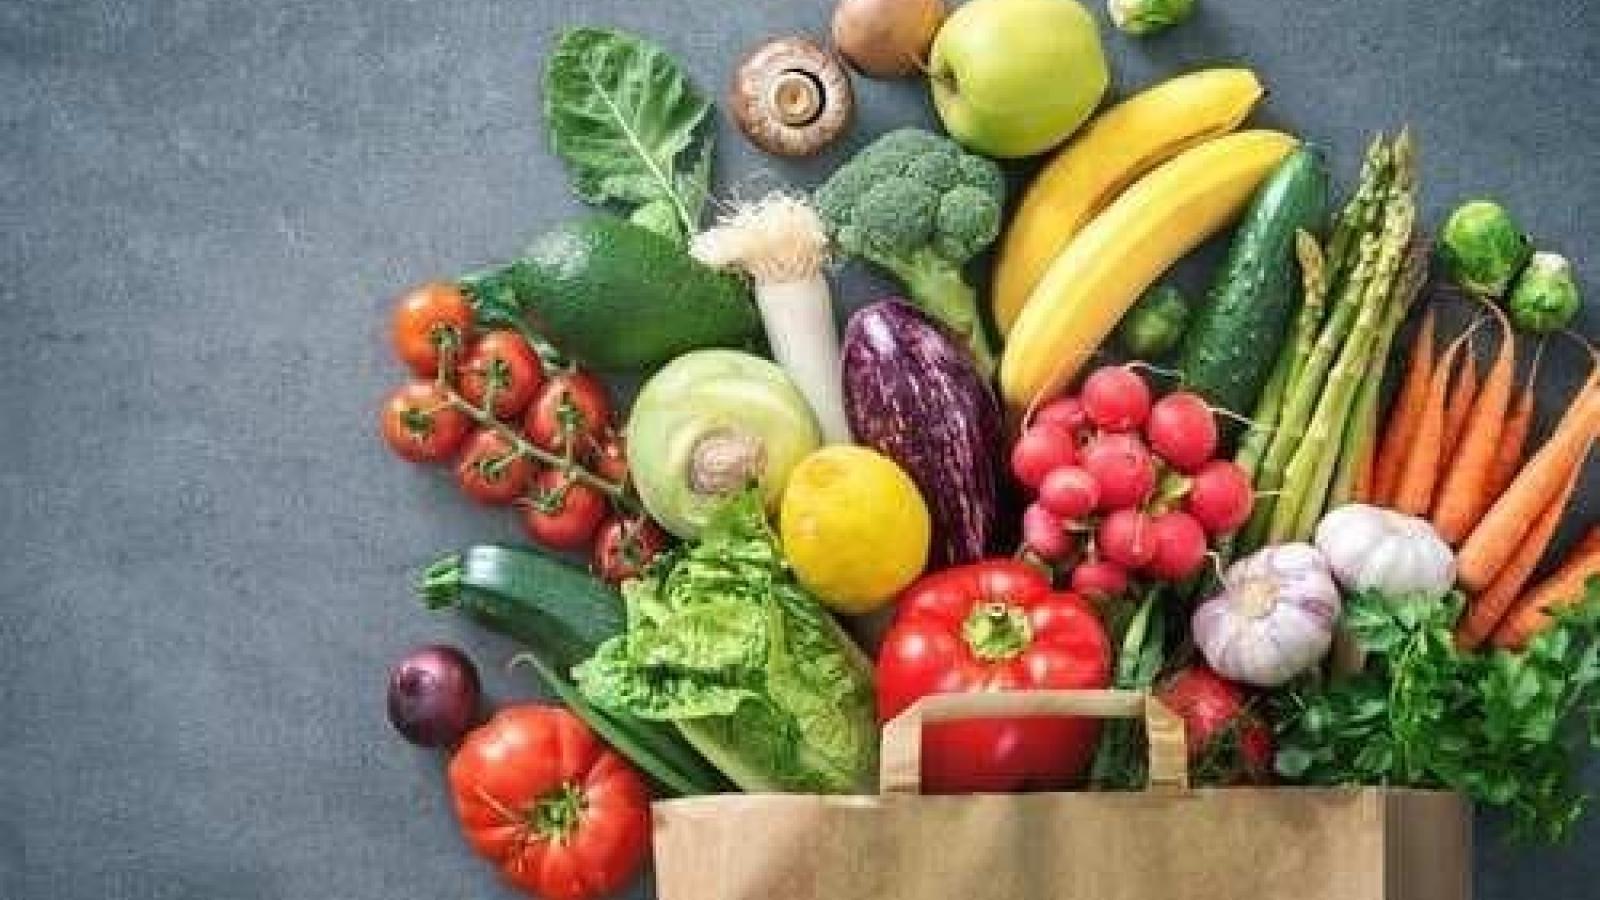 Mẹo bảo quản hoa quả và rau tươi ngon như mới